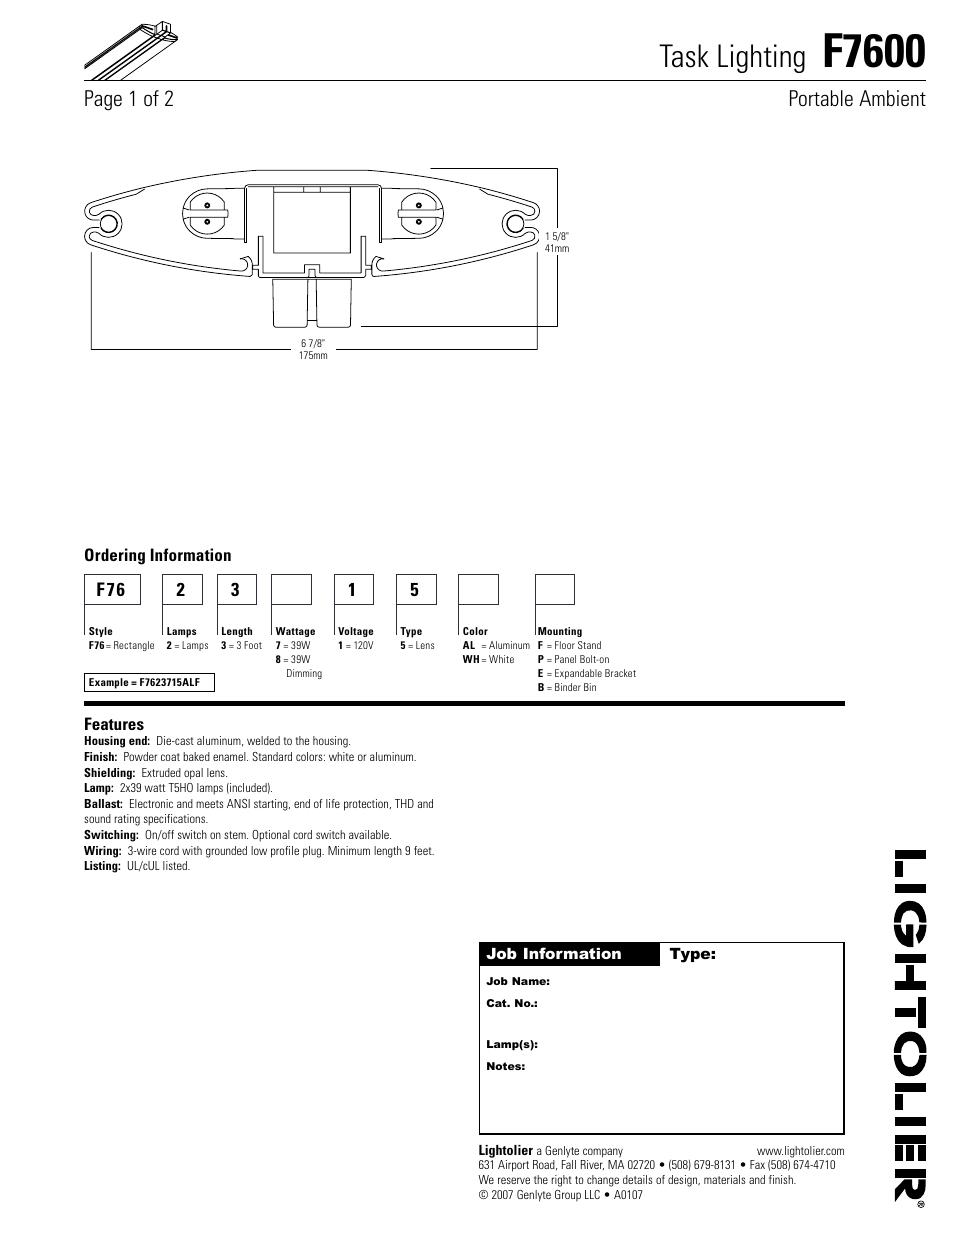 lightolier task lighting f7600 user manual 2 pages rh manualsdir com